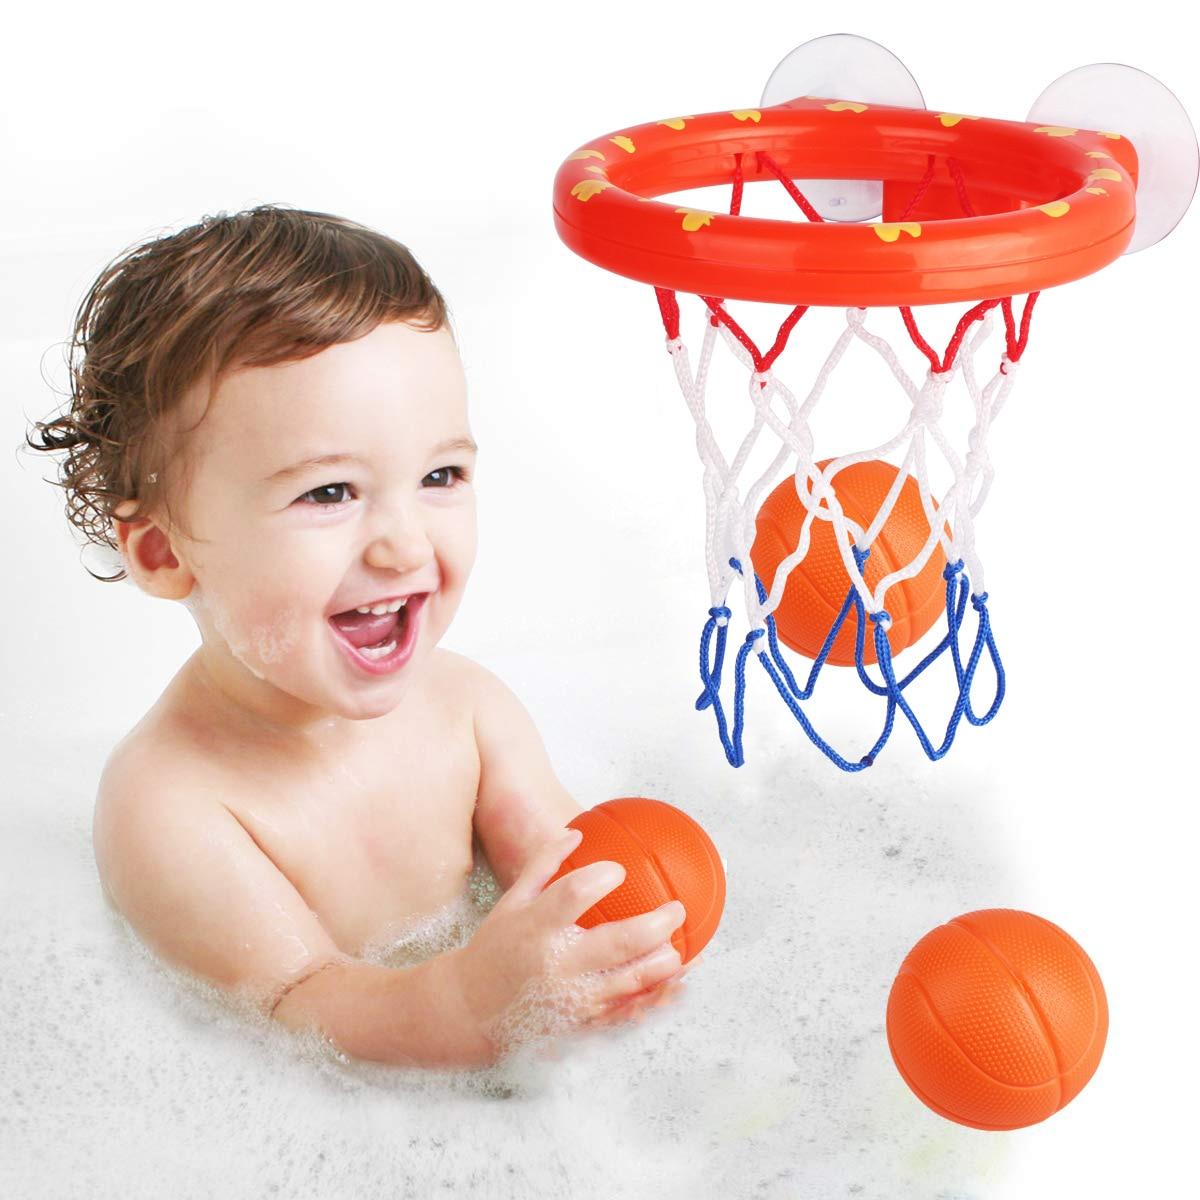 Баскетбол обруч Ванна игрушка на присосках набор для детей детская игра под открытым небом развитие мальчика интересный Крытый спортивный набор инструментов для ребенка